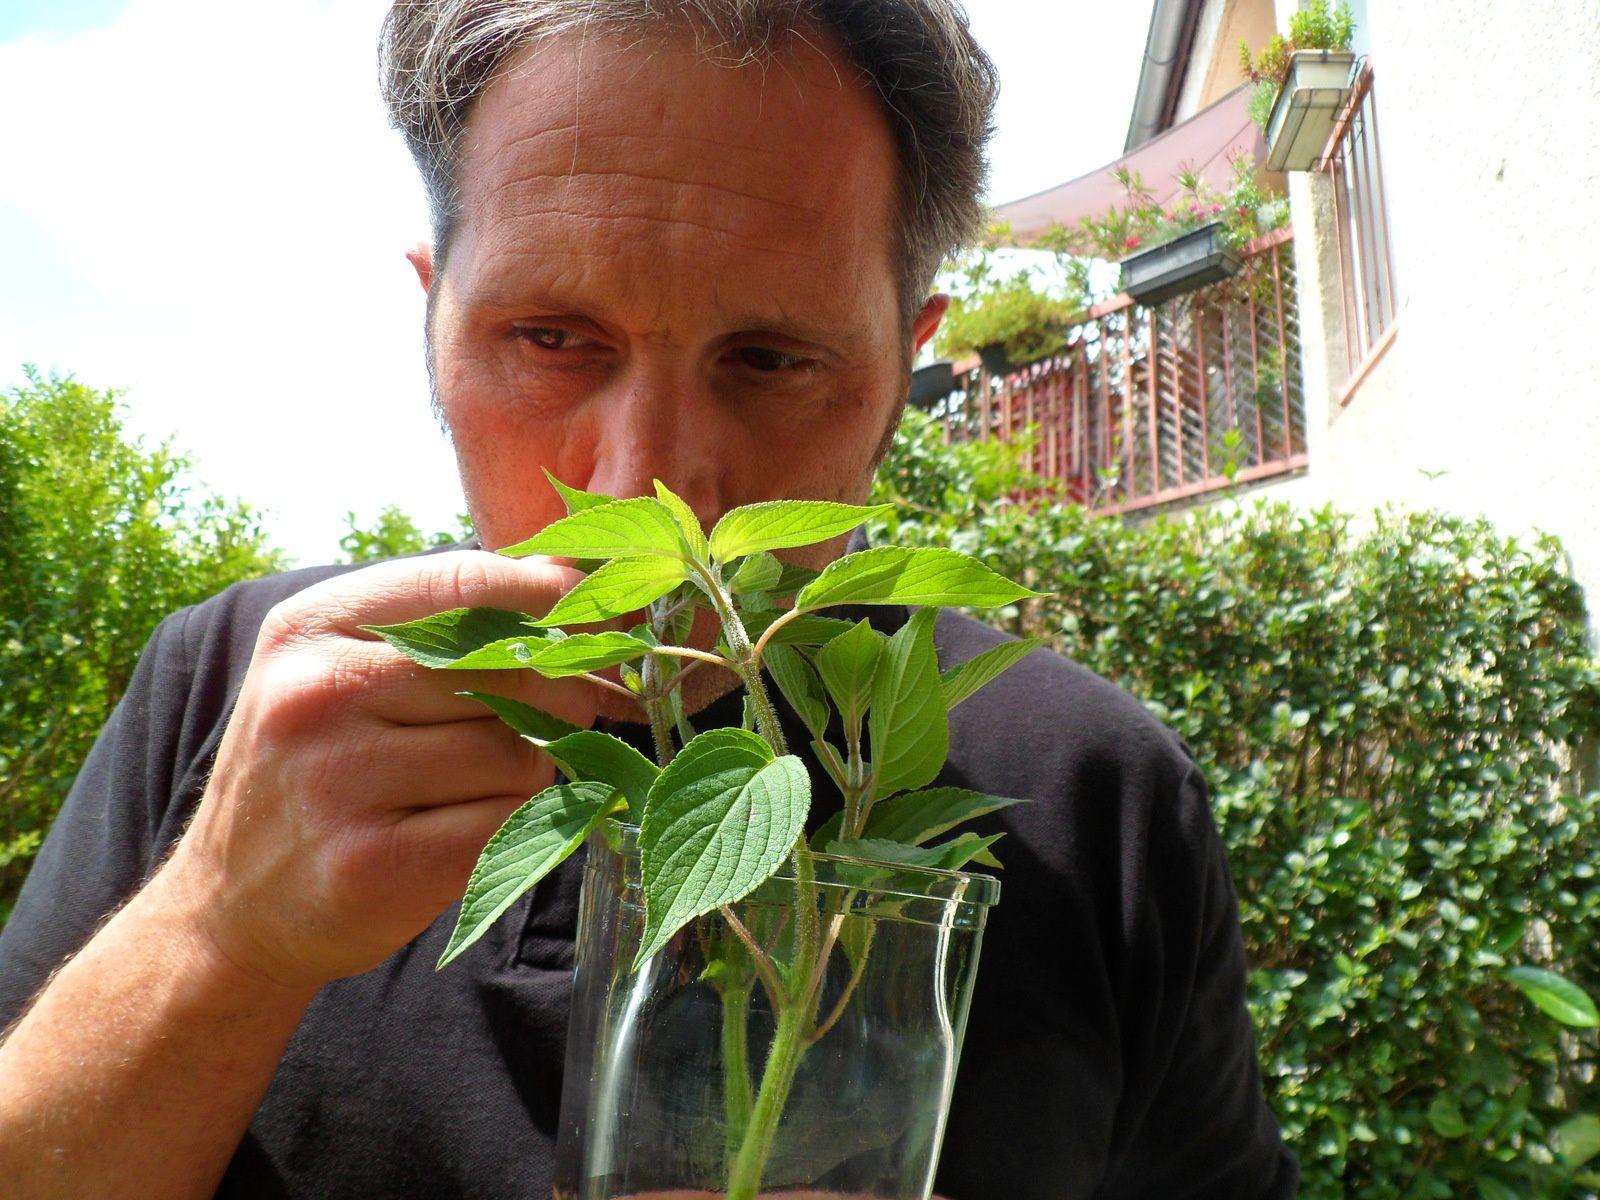 La sauge ananas bouture facilement dans l'eau, et j'avoue qu'un bouquet frais de la plante qui bouture dans un vase et d'un belle effet.